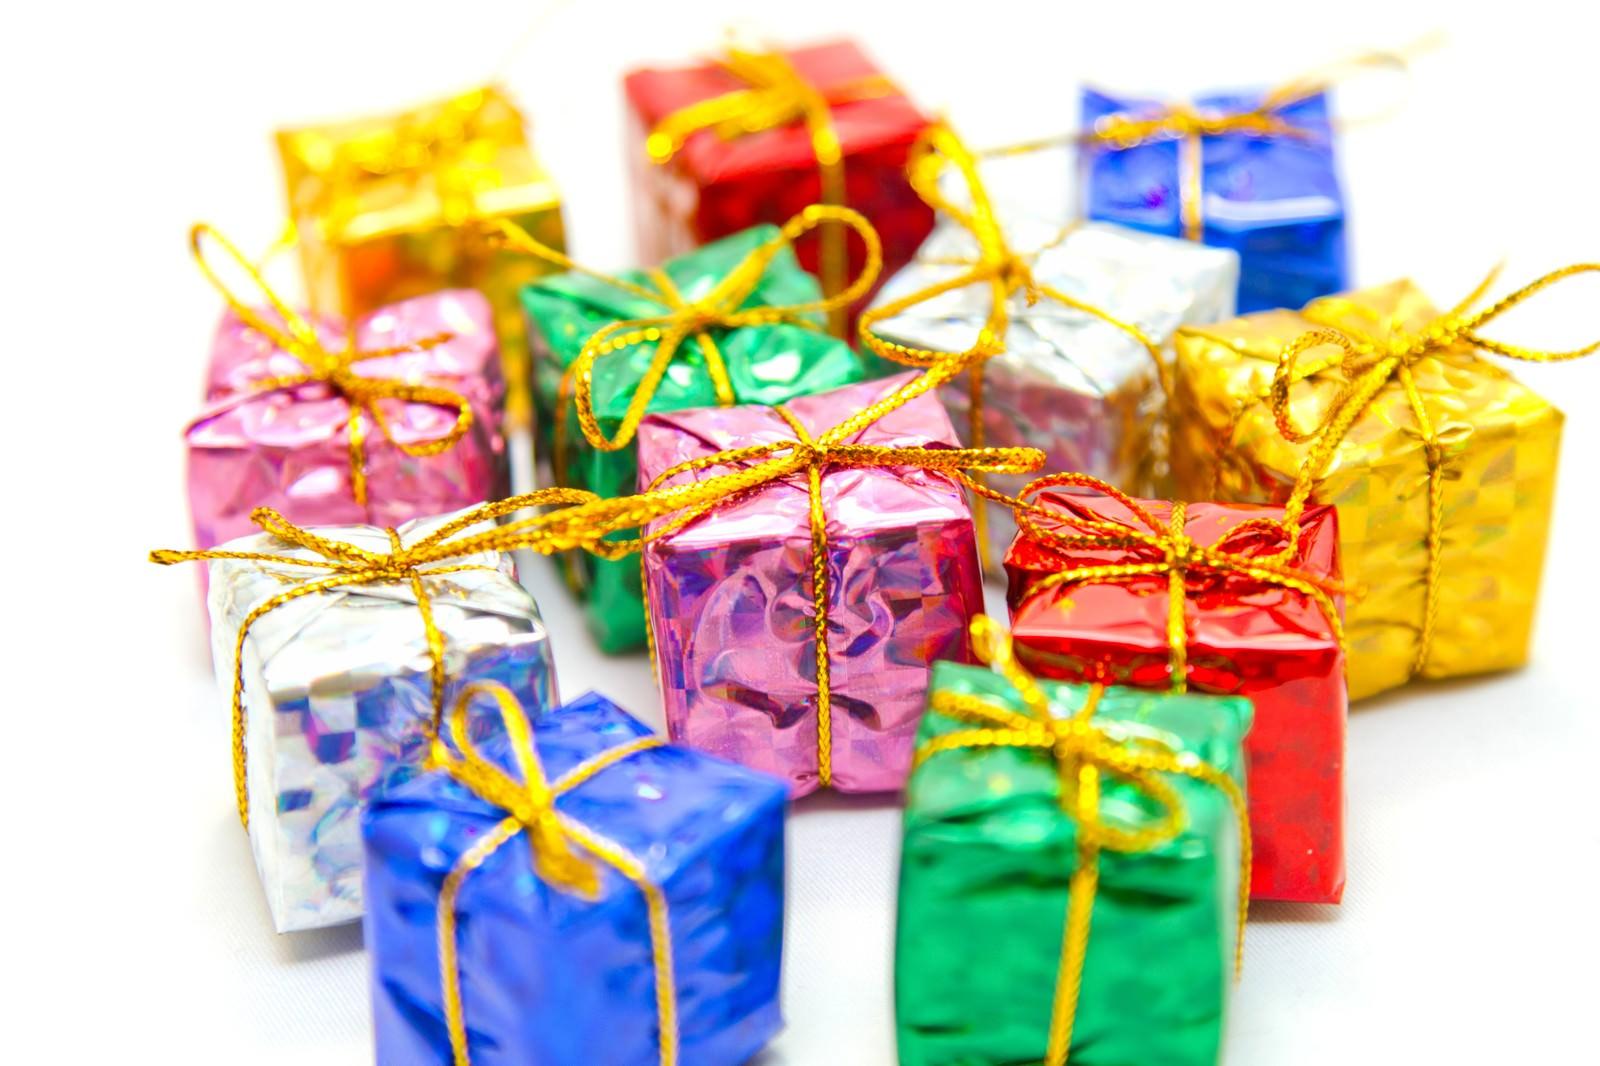 「プレゼント用の小さな箱」の写真